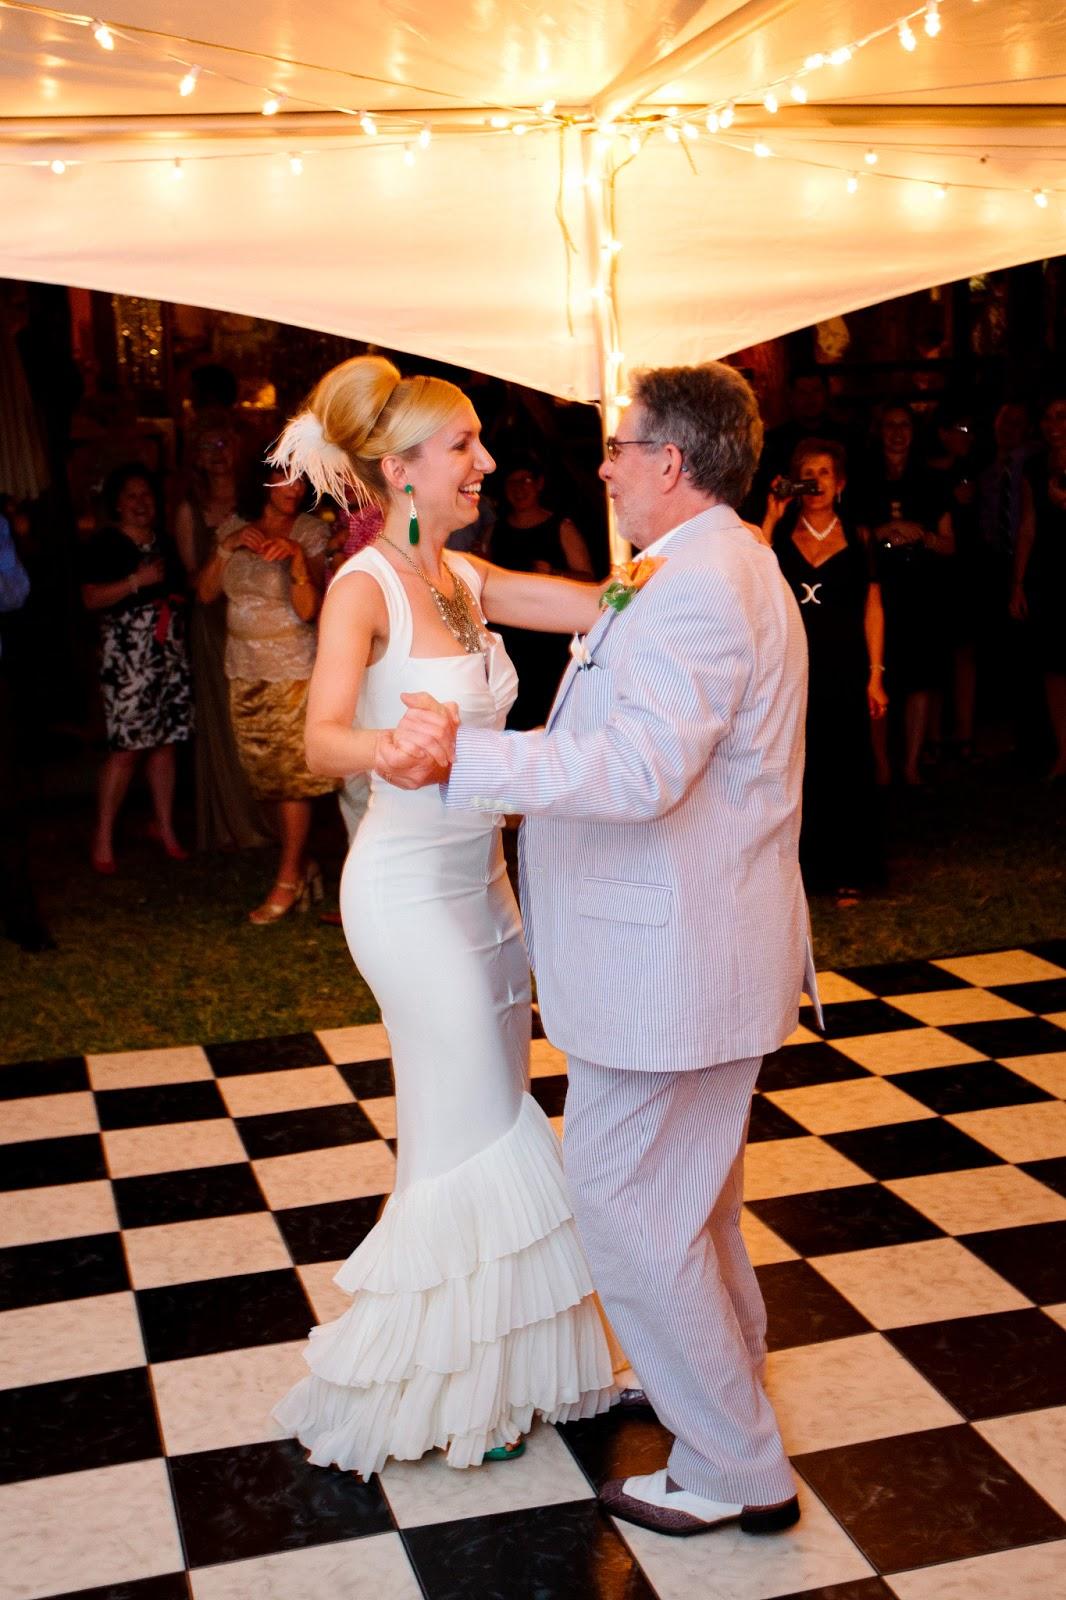 Танцевальный подарок от родителей на свадьбе 29